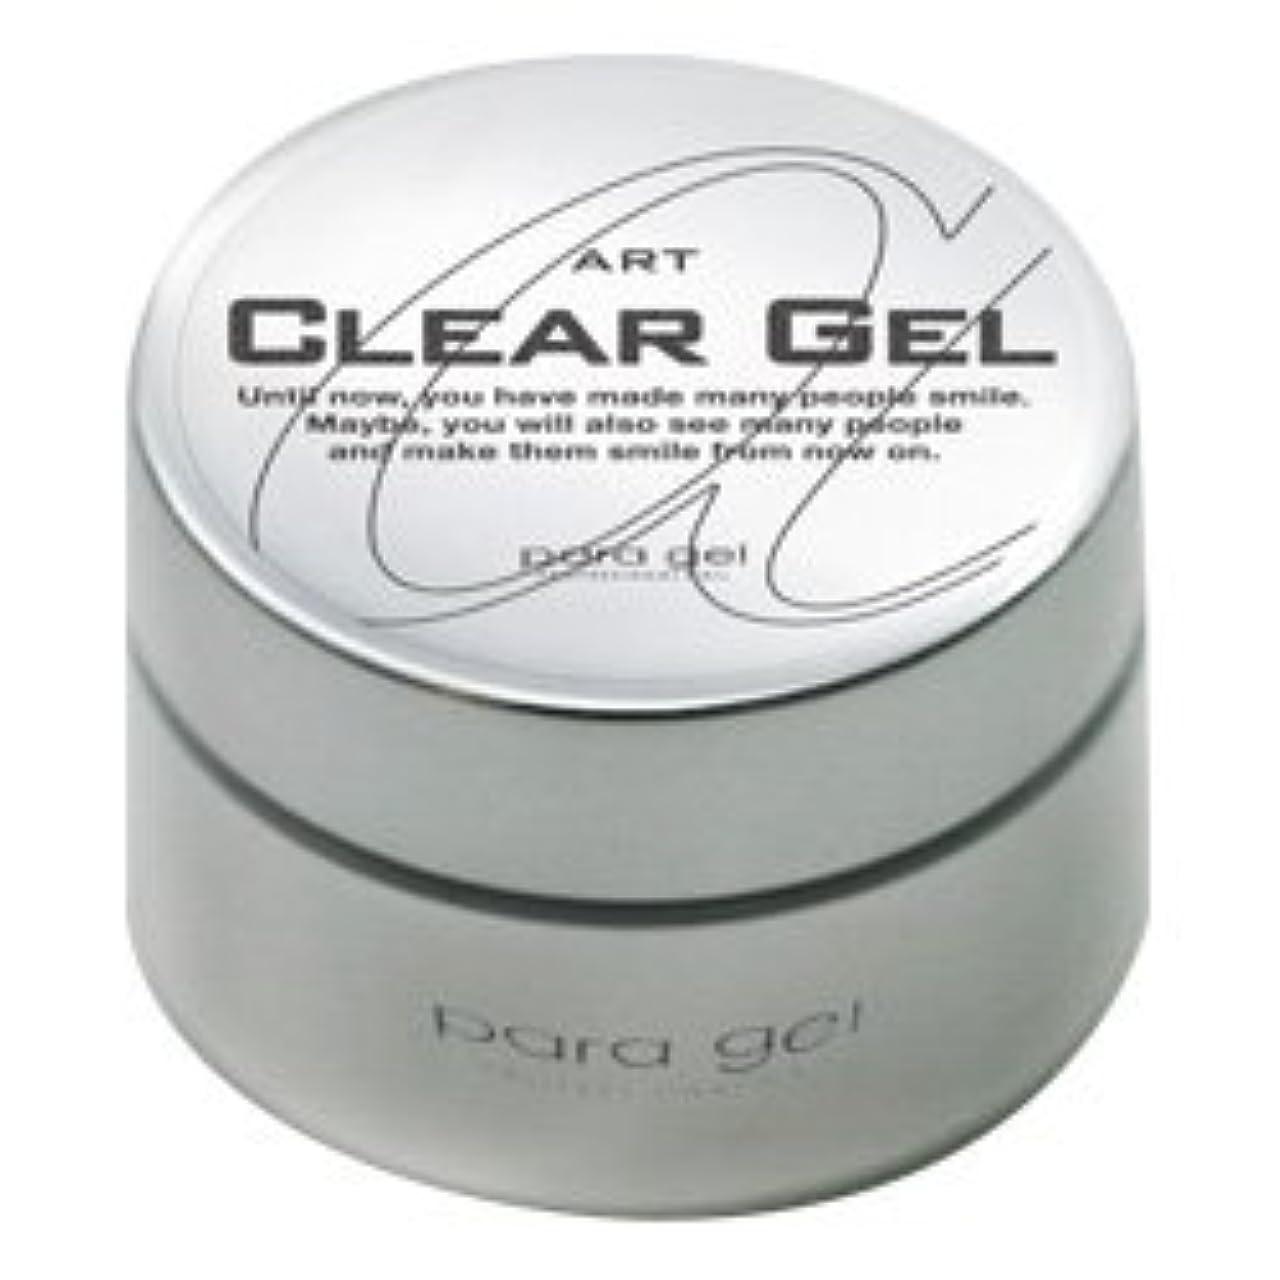 拷問積極的に価格★para gel(パラジェル) <BR>アートクリアジェル 10g